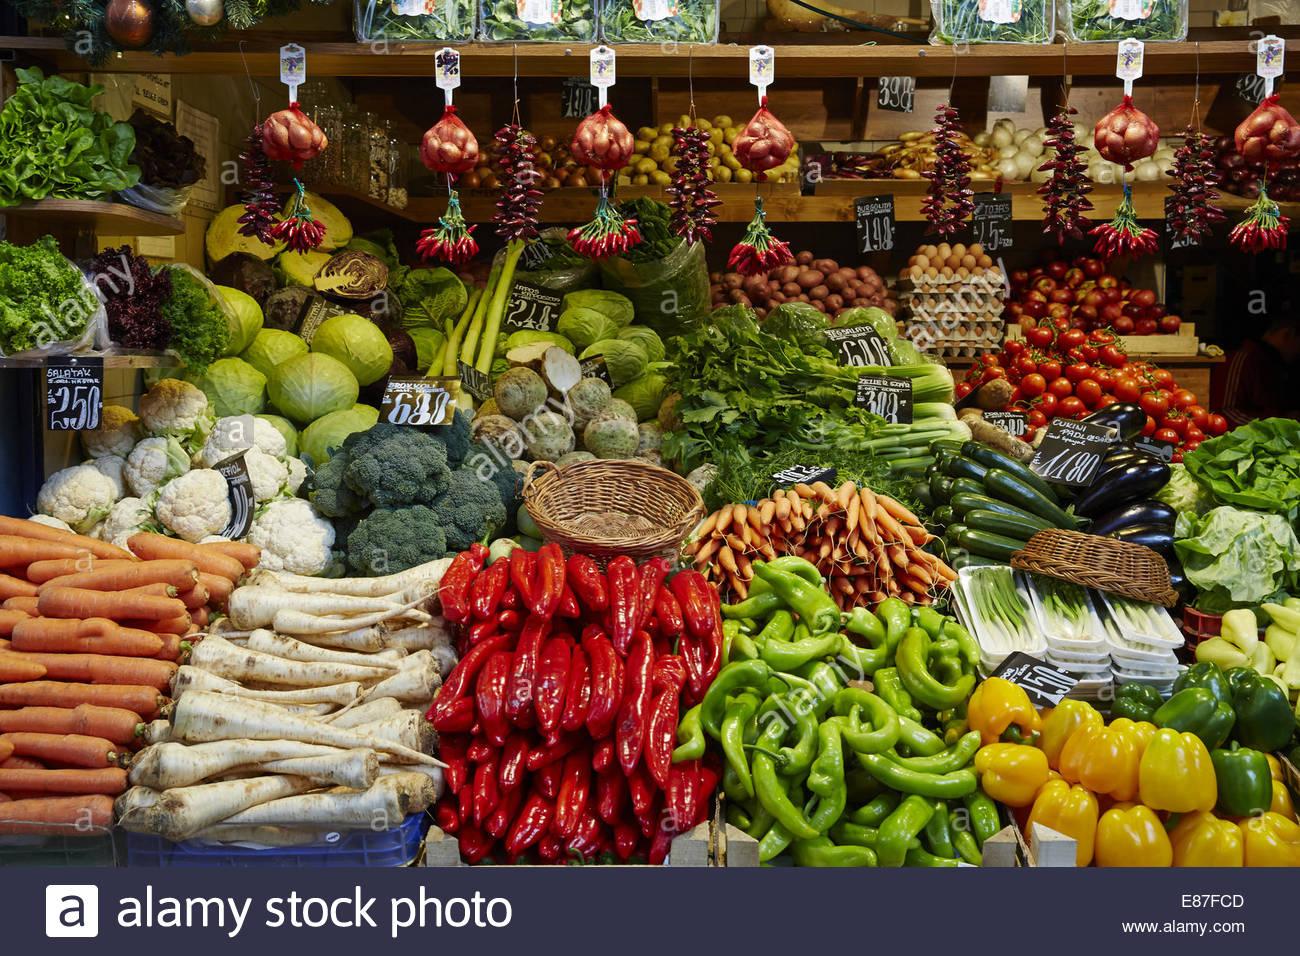 Produrre, fruttivendolo, Old fashion frutta & verdura con vari colorato prodotti freschi Immagini Stock